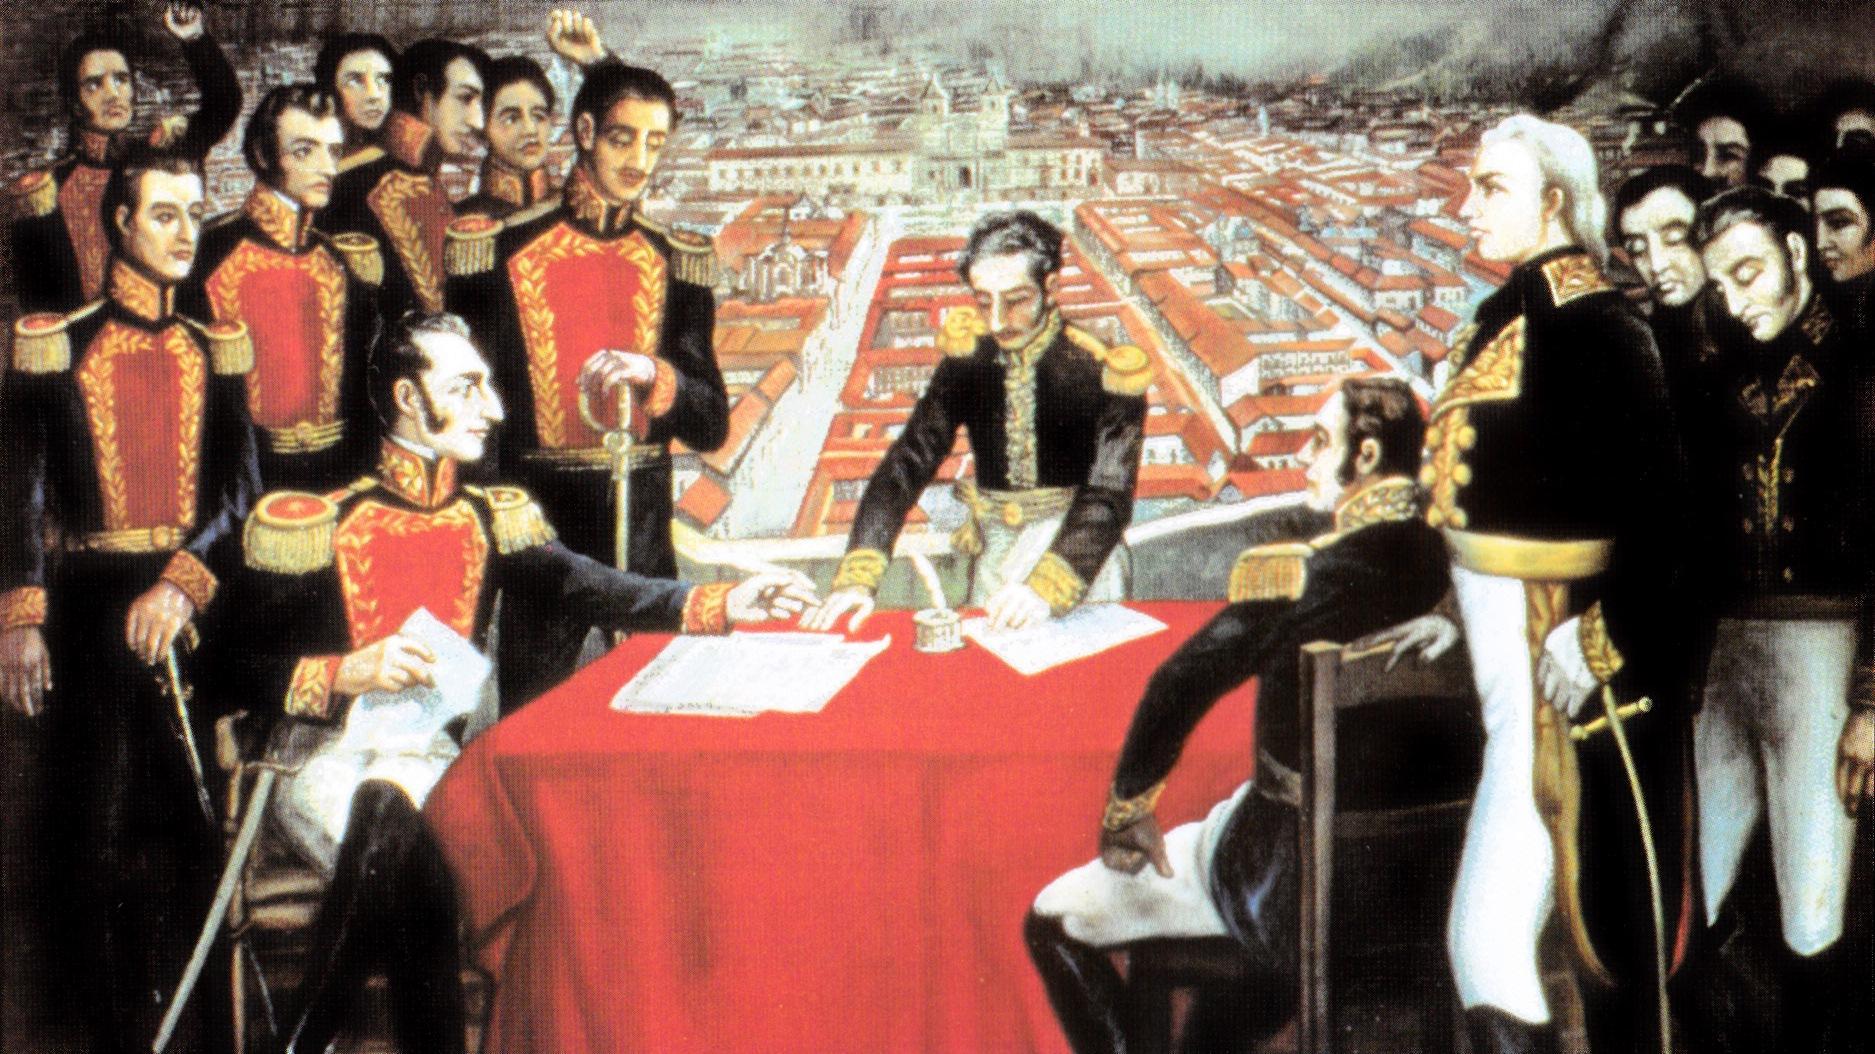 24 de mayo de 1822 una batalla por la independencia el diario ecuador. Black Bedroom Furniture Sets. Home Design Ideas